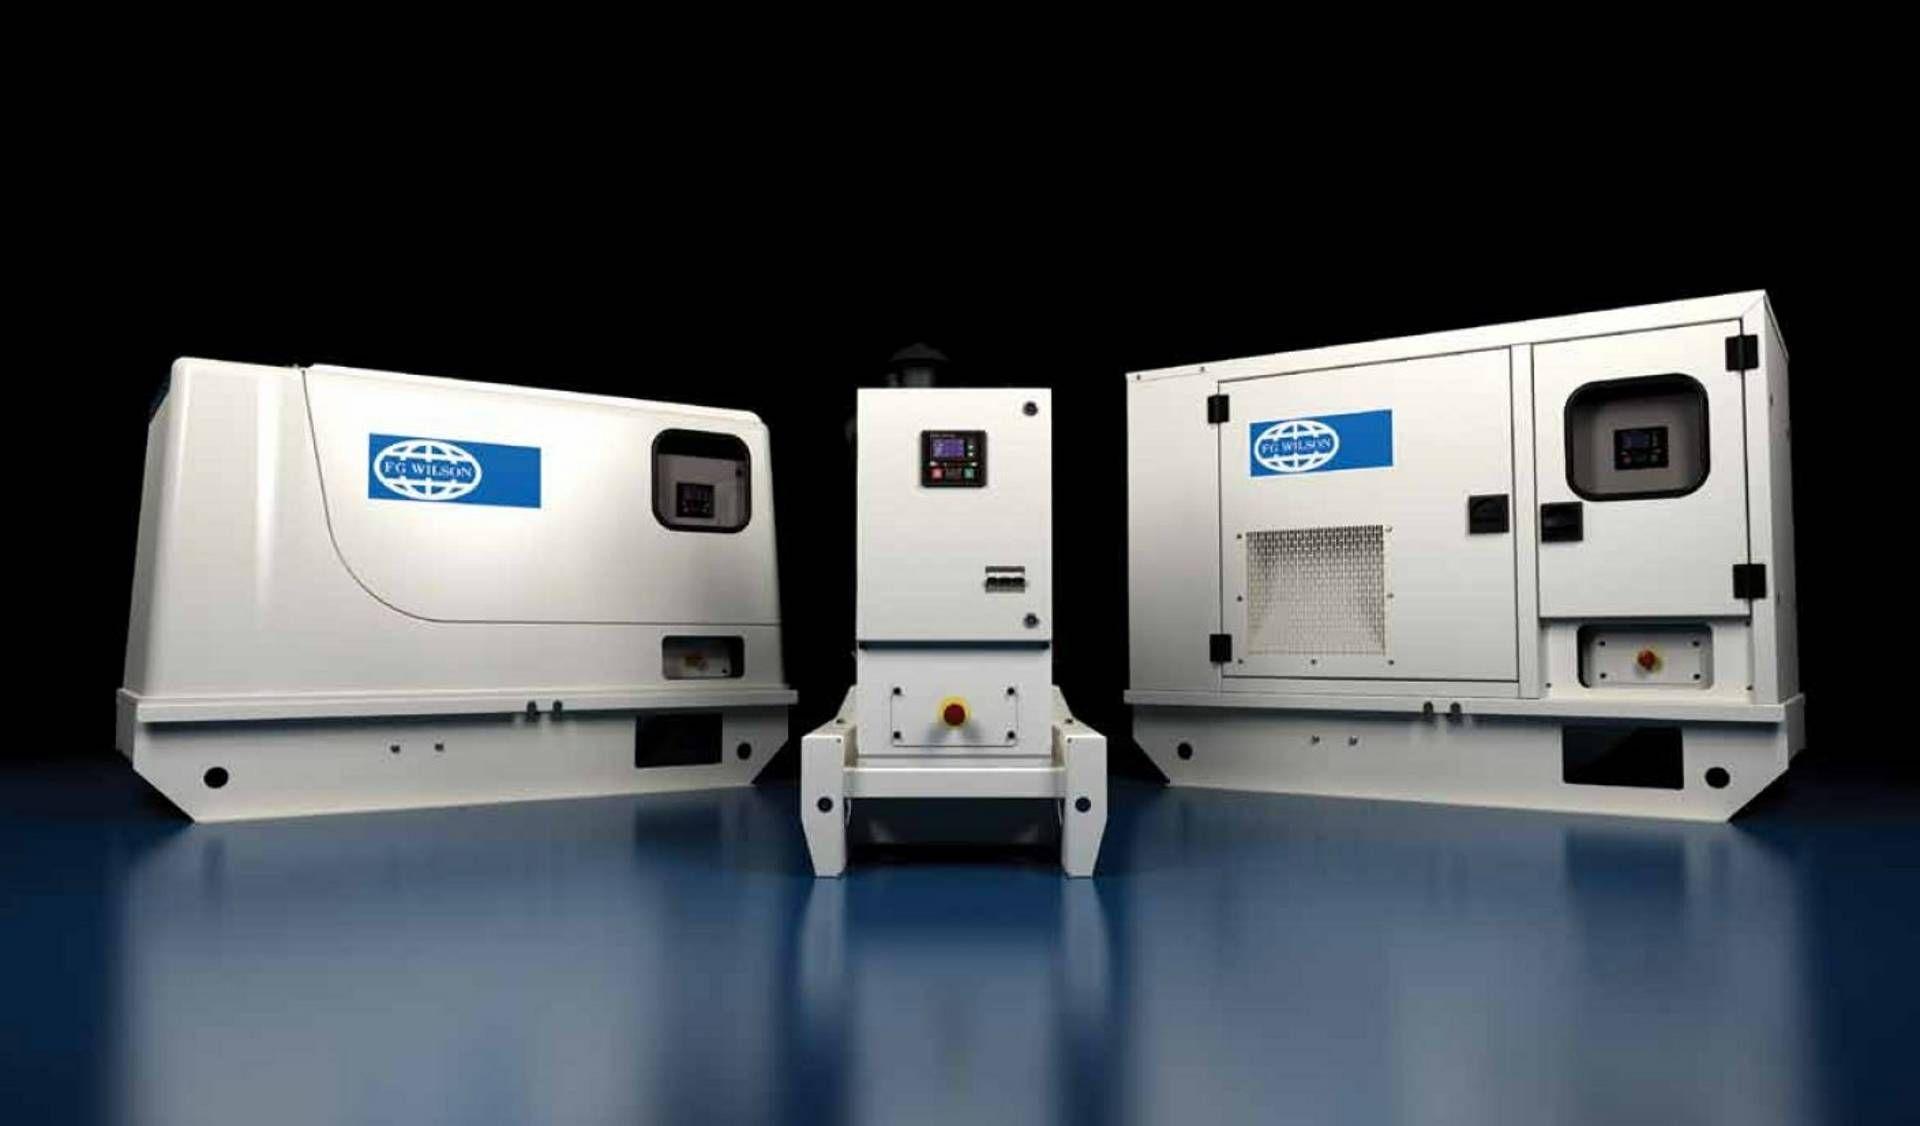 We provide Perkin Generators Used Diesel Generators and FG Wilson